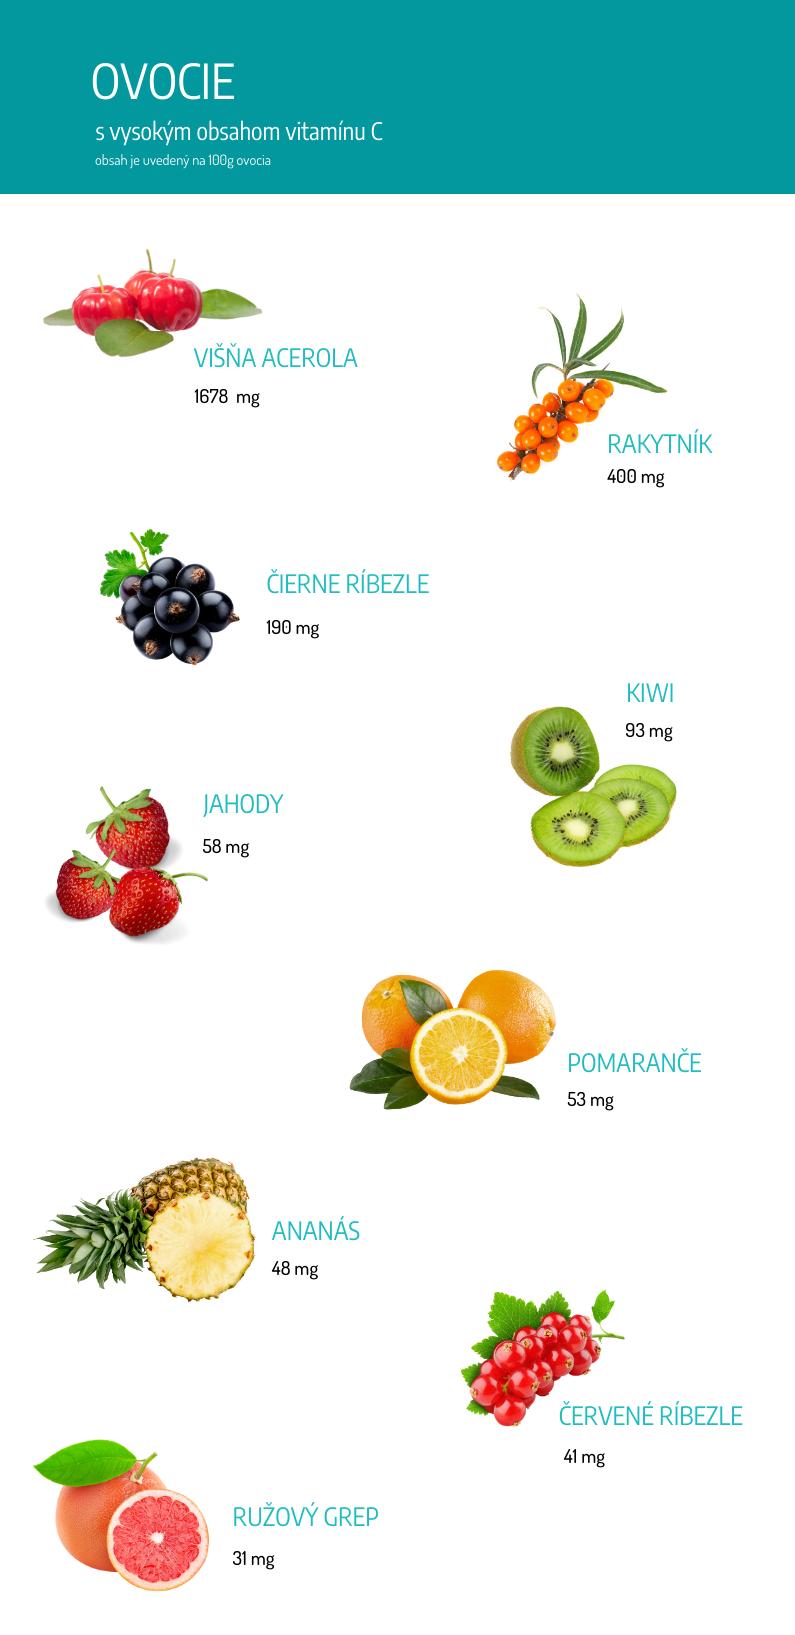 Ovocie s vysokým obsahom vitamínu C